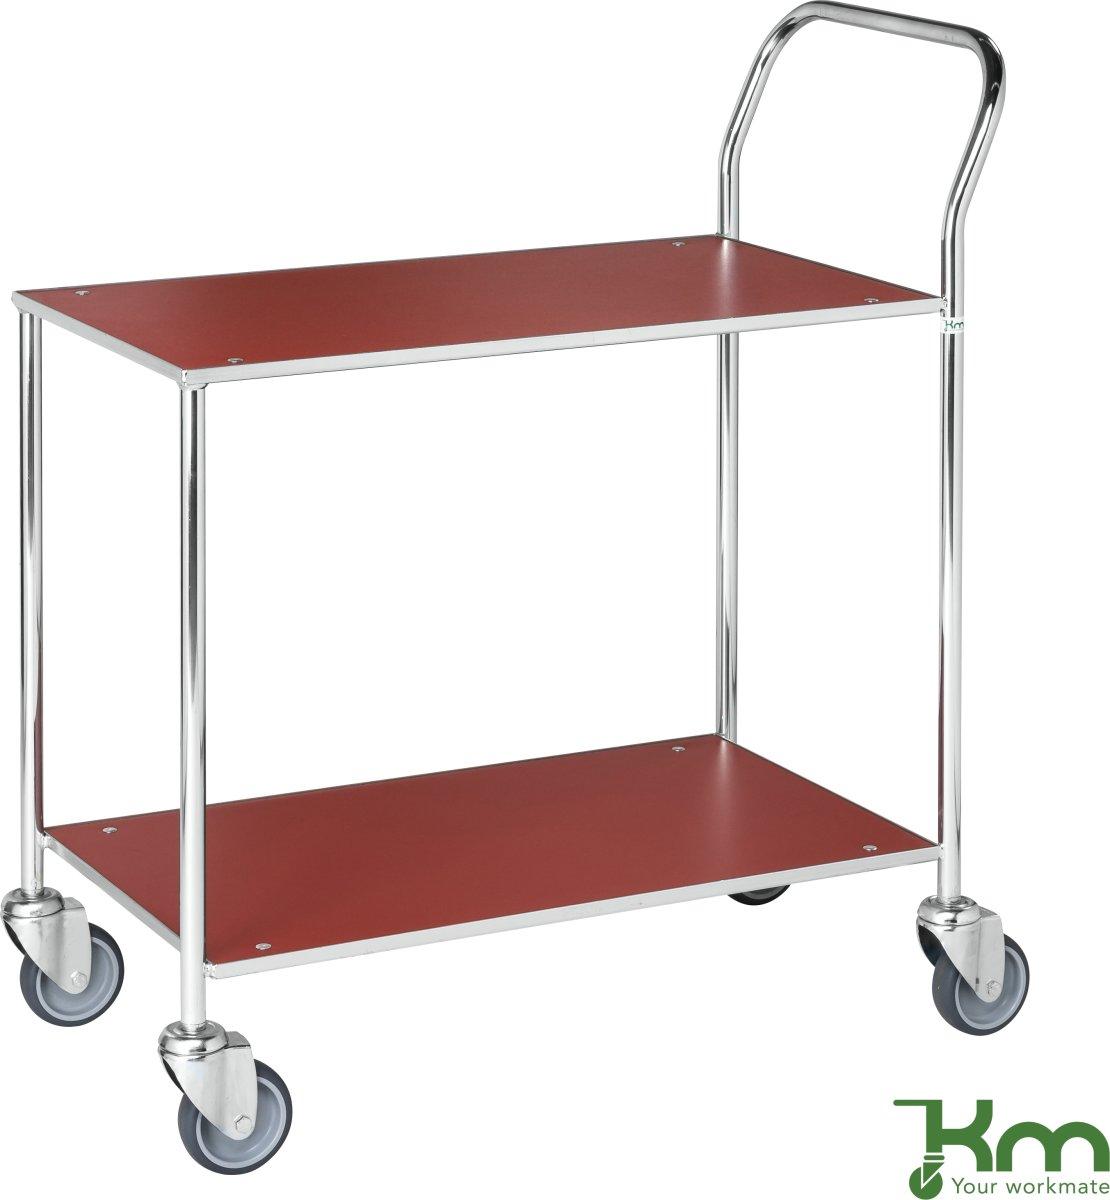 Rullebord - 2 hylder, 840x430x970, Galvanis/Rød